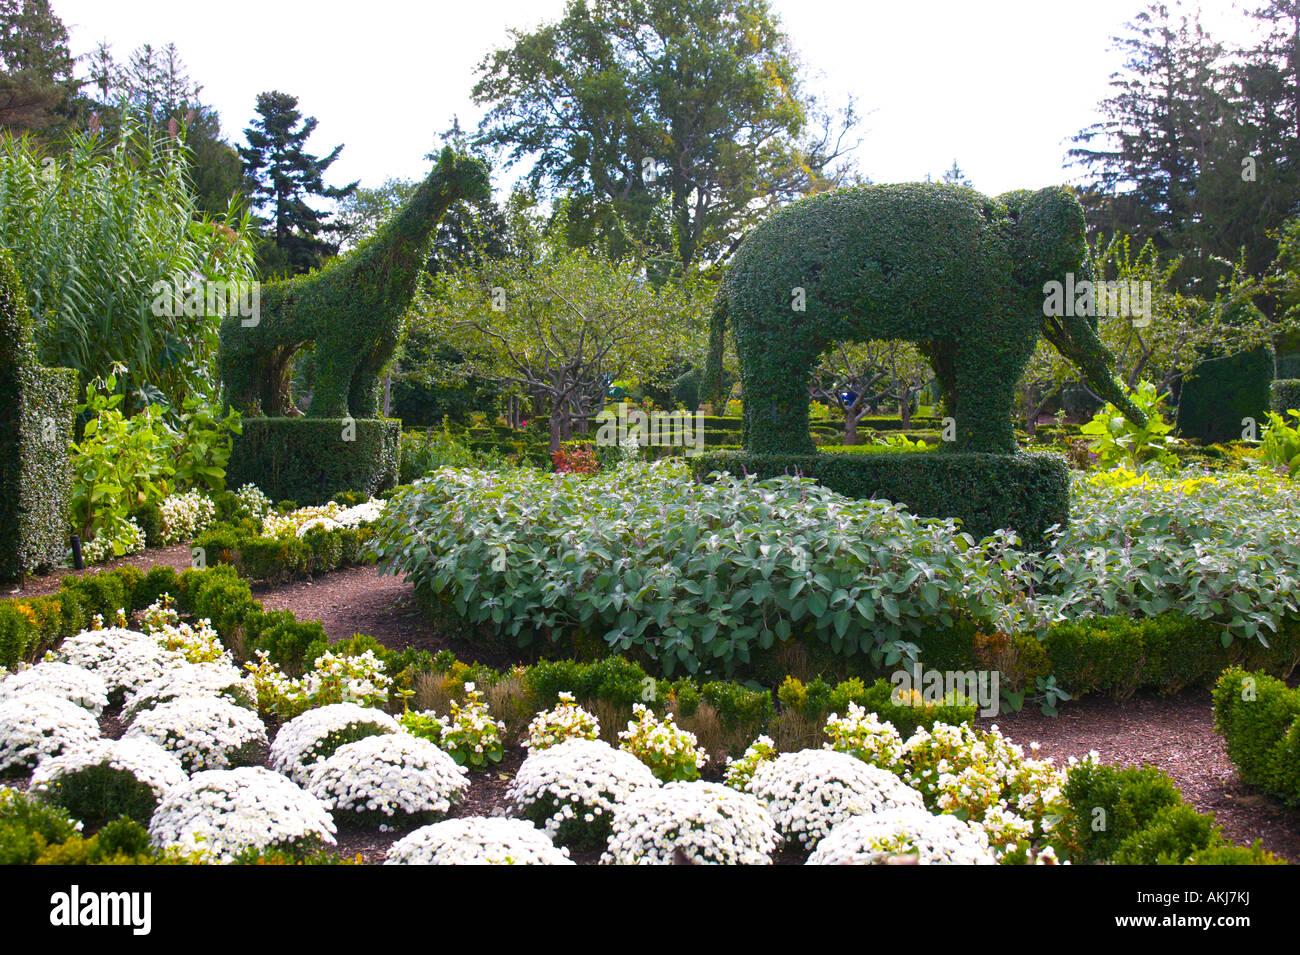 green animals topiary garden portsmouth rhode island stock image - Green Animals Topiary Garden